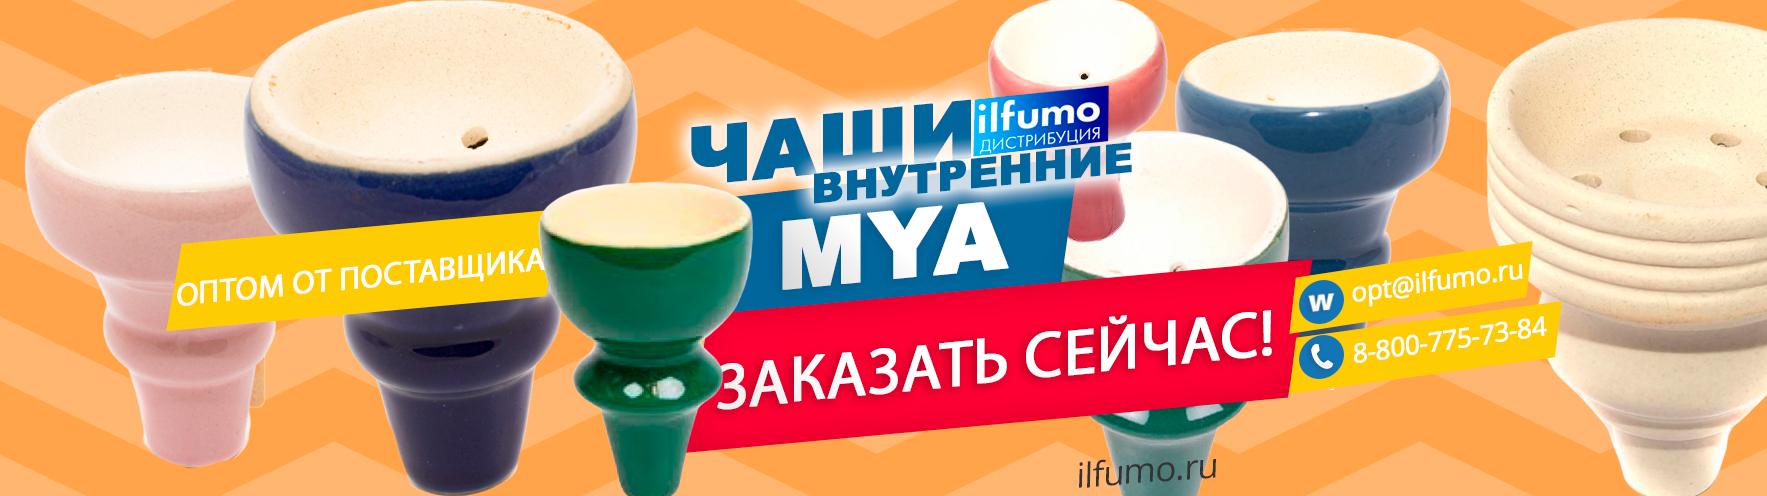 vnutrennie glubokie chashki dlja tabaka mya kupit - Внутренние глубокие чаши MYA